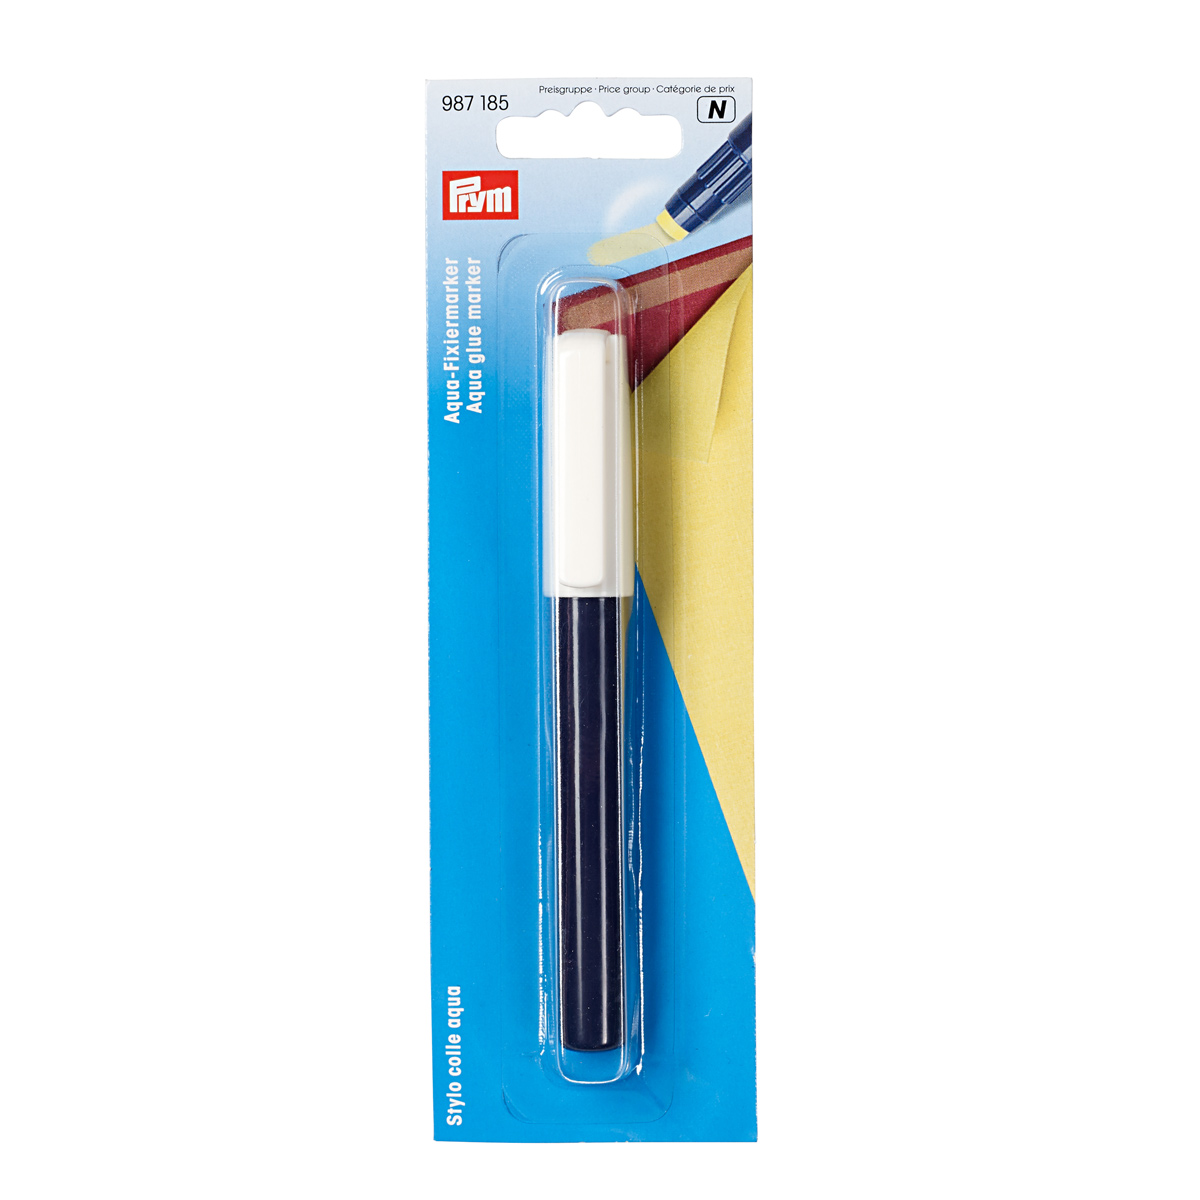 987185 Glue Aqua Marker Yellow Prym